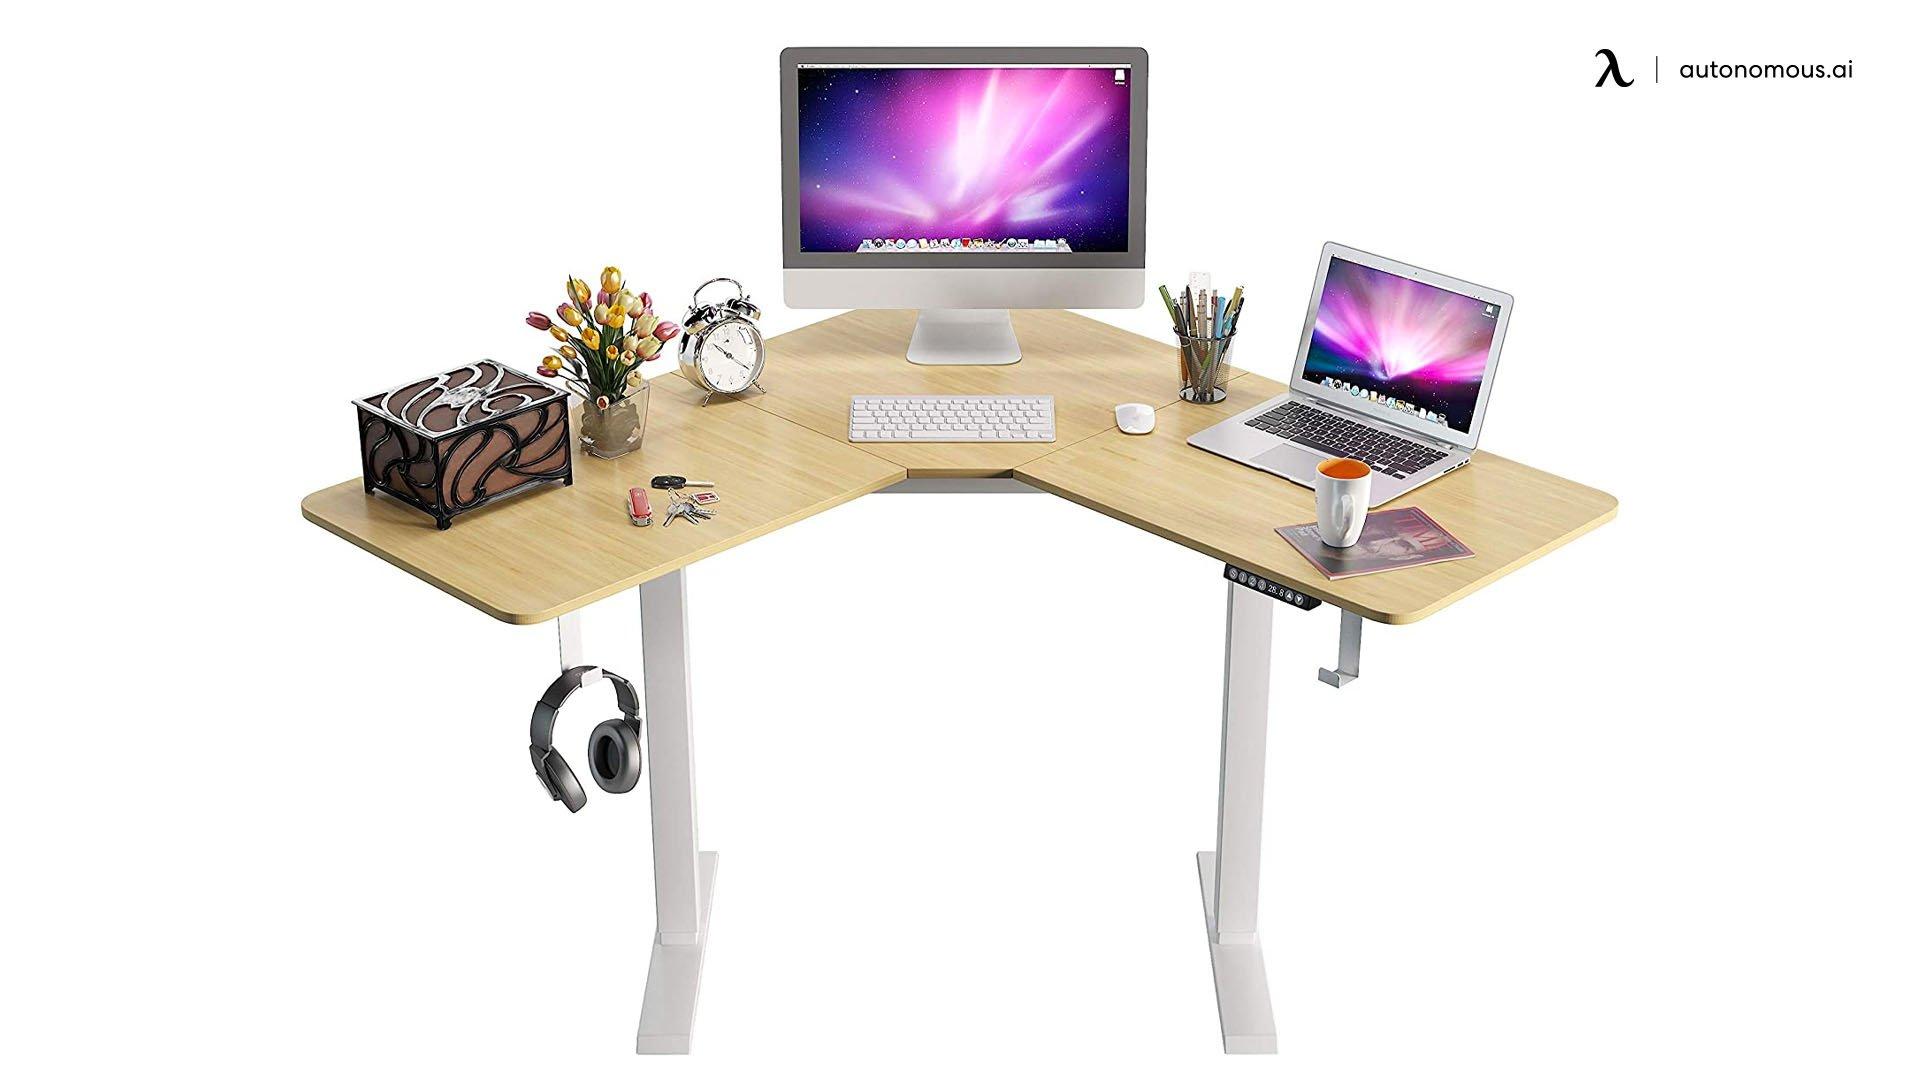 Howzone Motorized Corner Desk